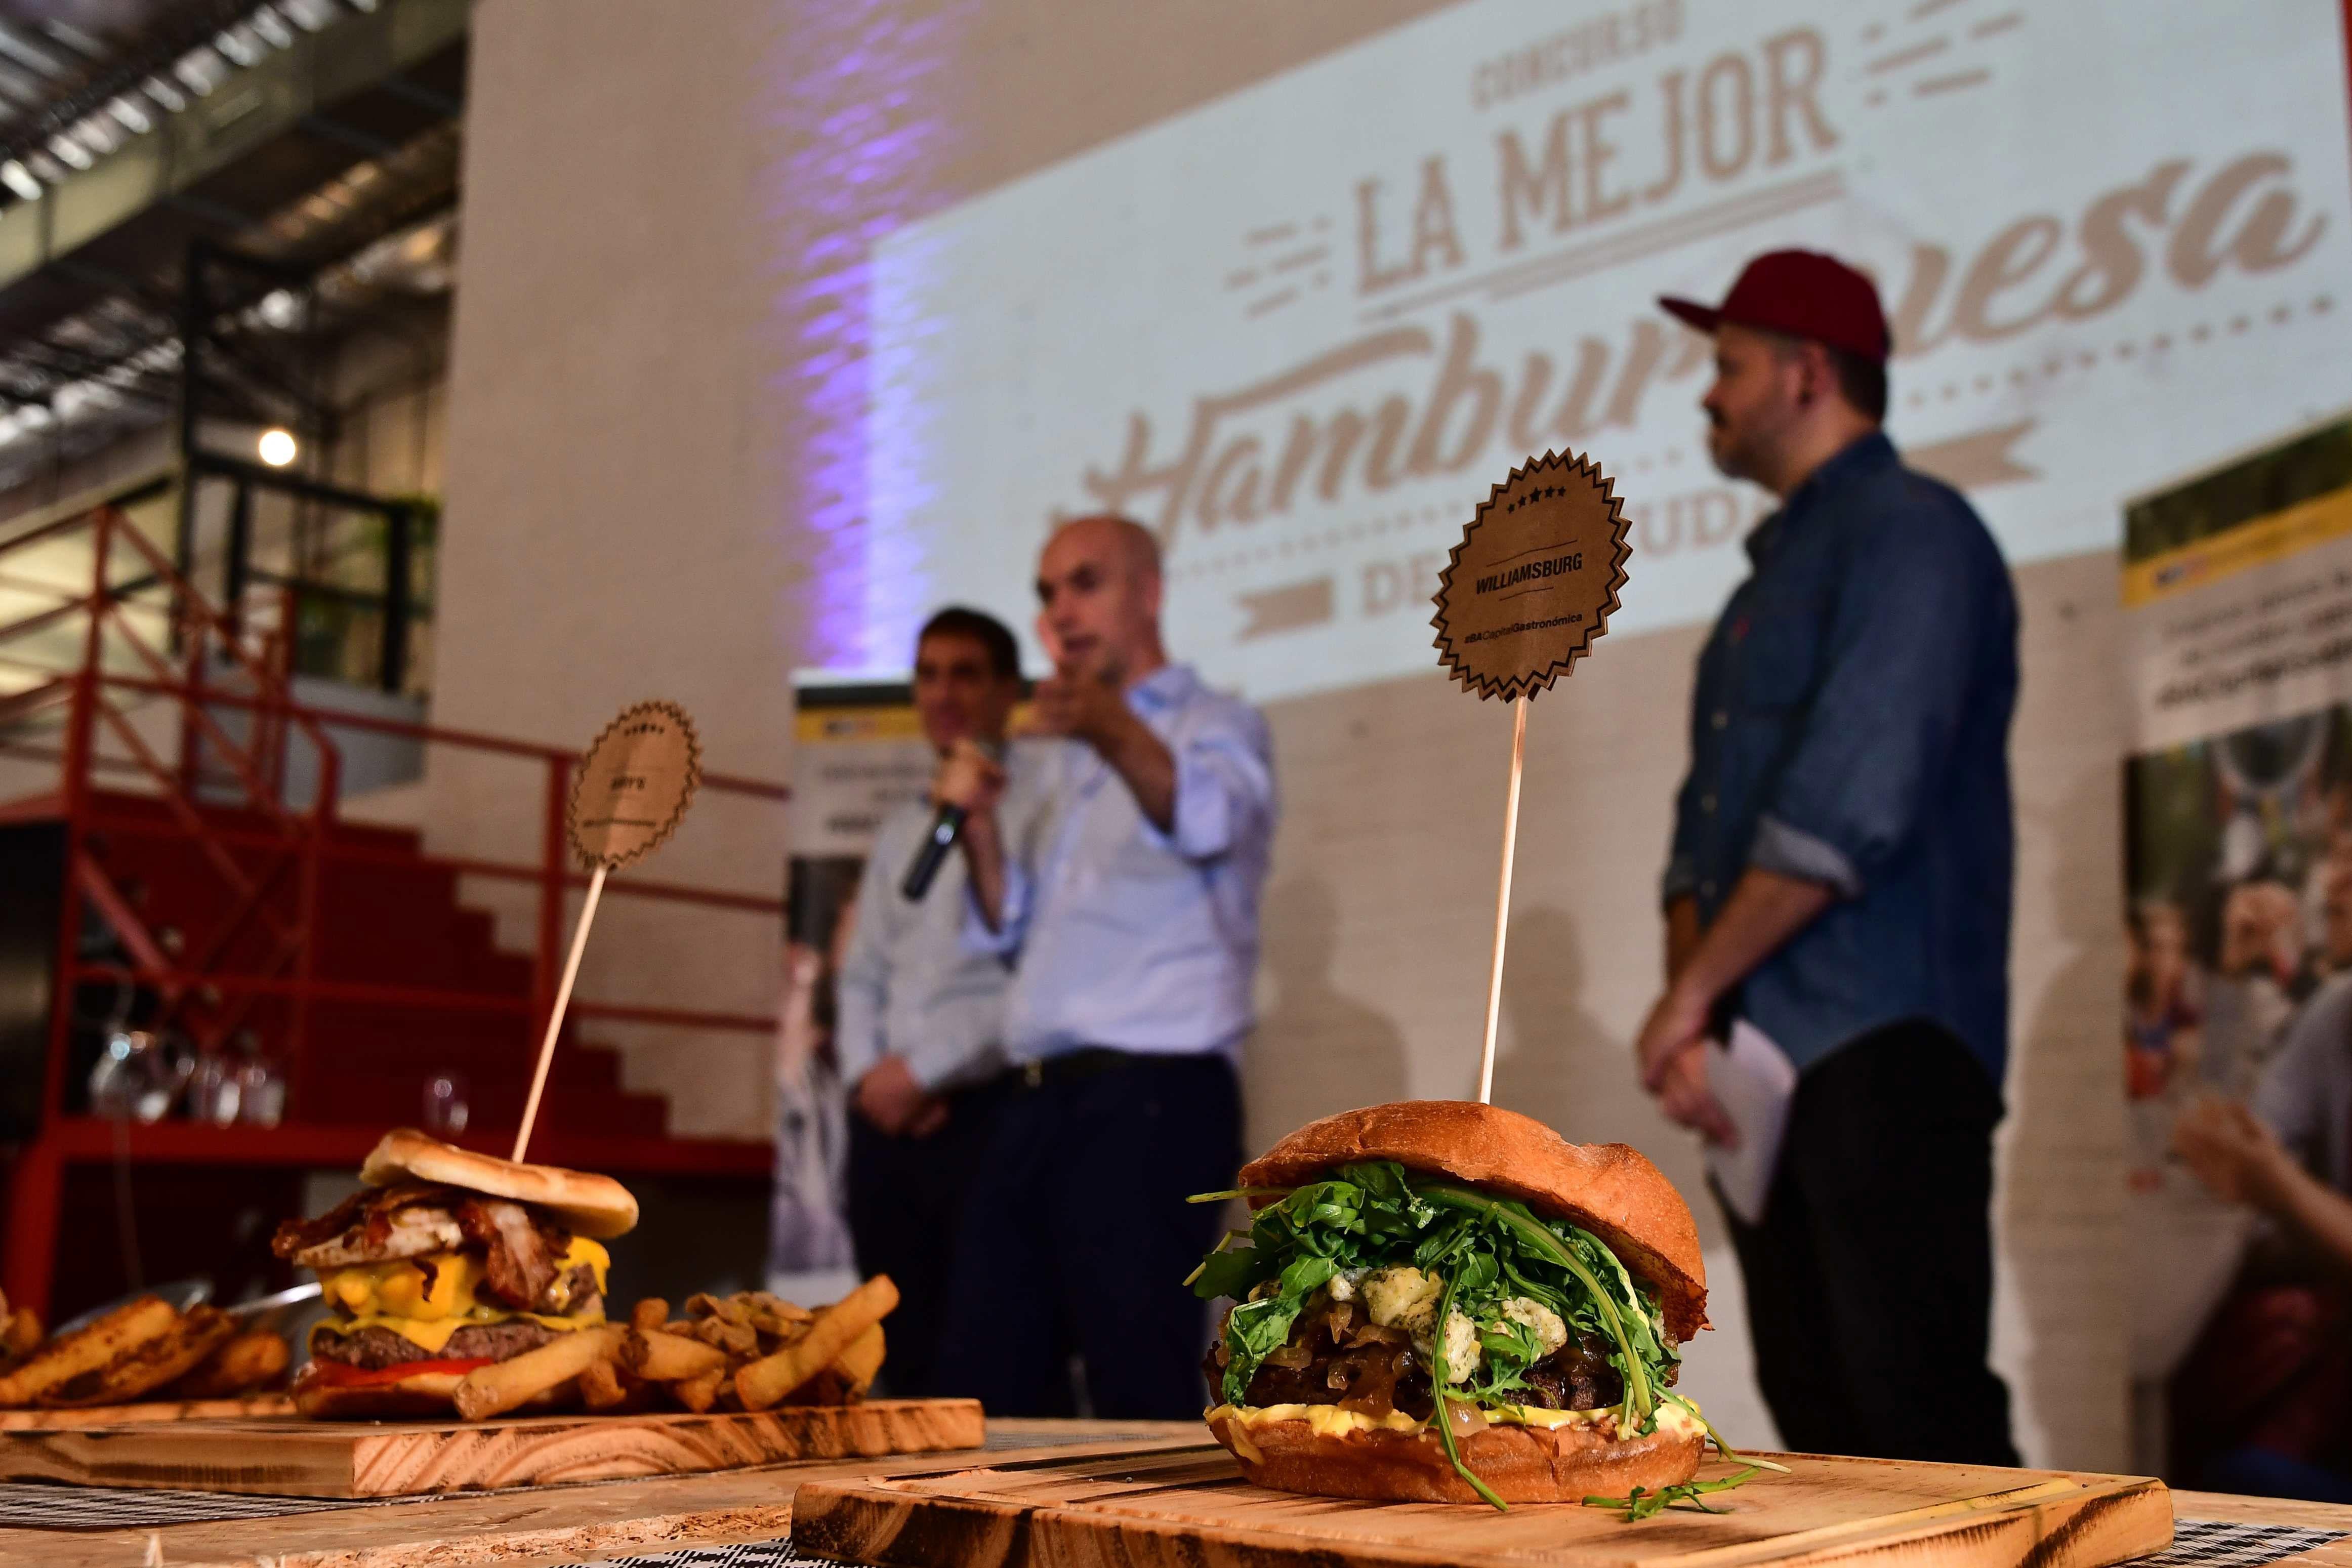 Más de 3 mil personas eligieron la hamburguesa de Williamsburg